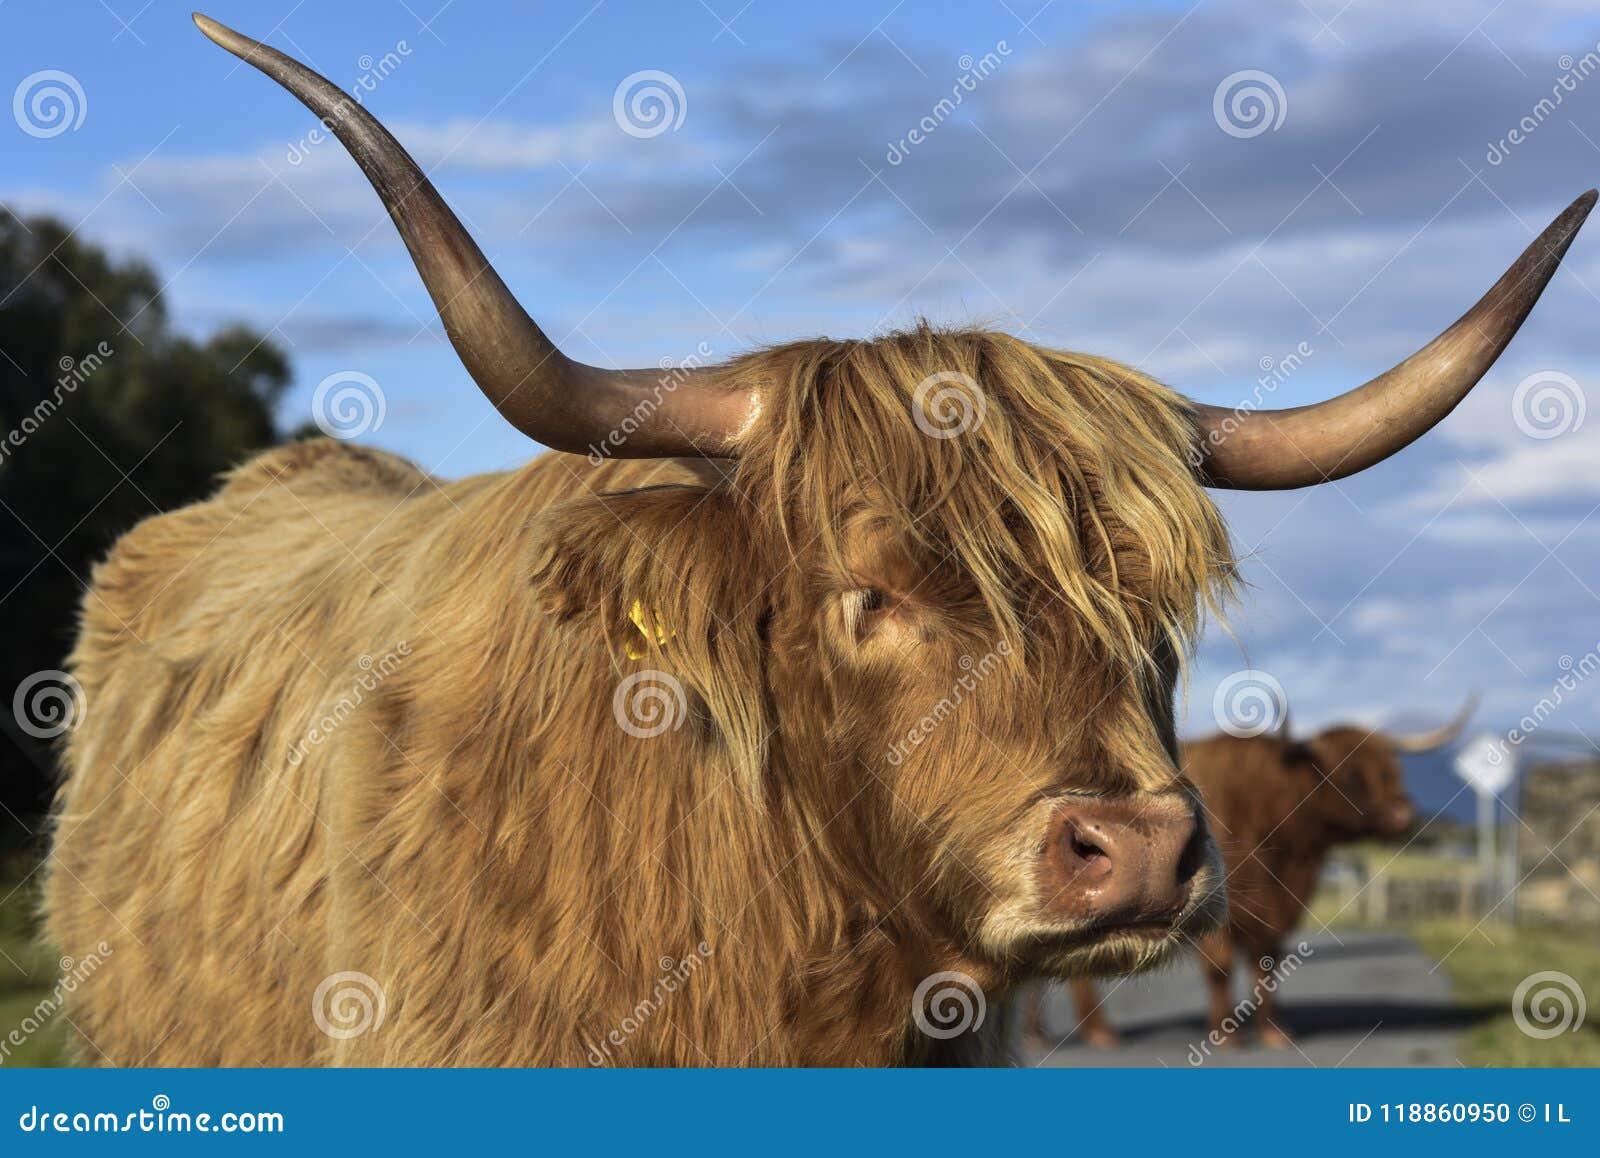 Szkocki górski bydło w ciepłym wieczór świetle, portret śliczna krowa, średniogórza, Szkocja, Zjednoczone Królestwo